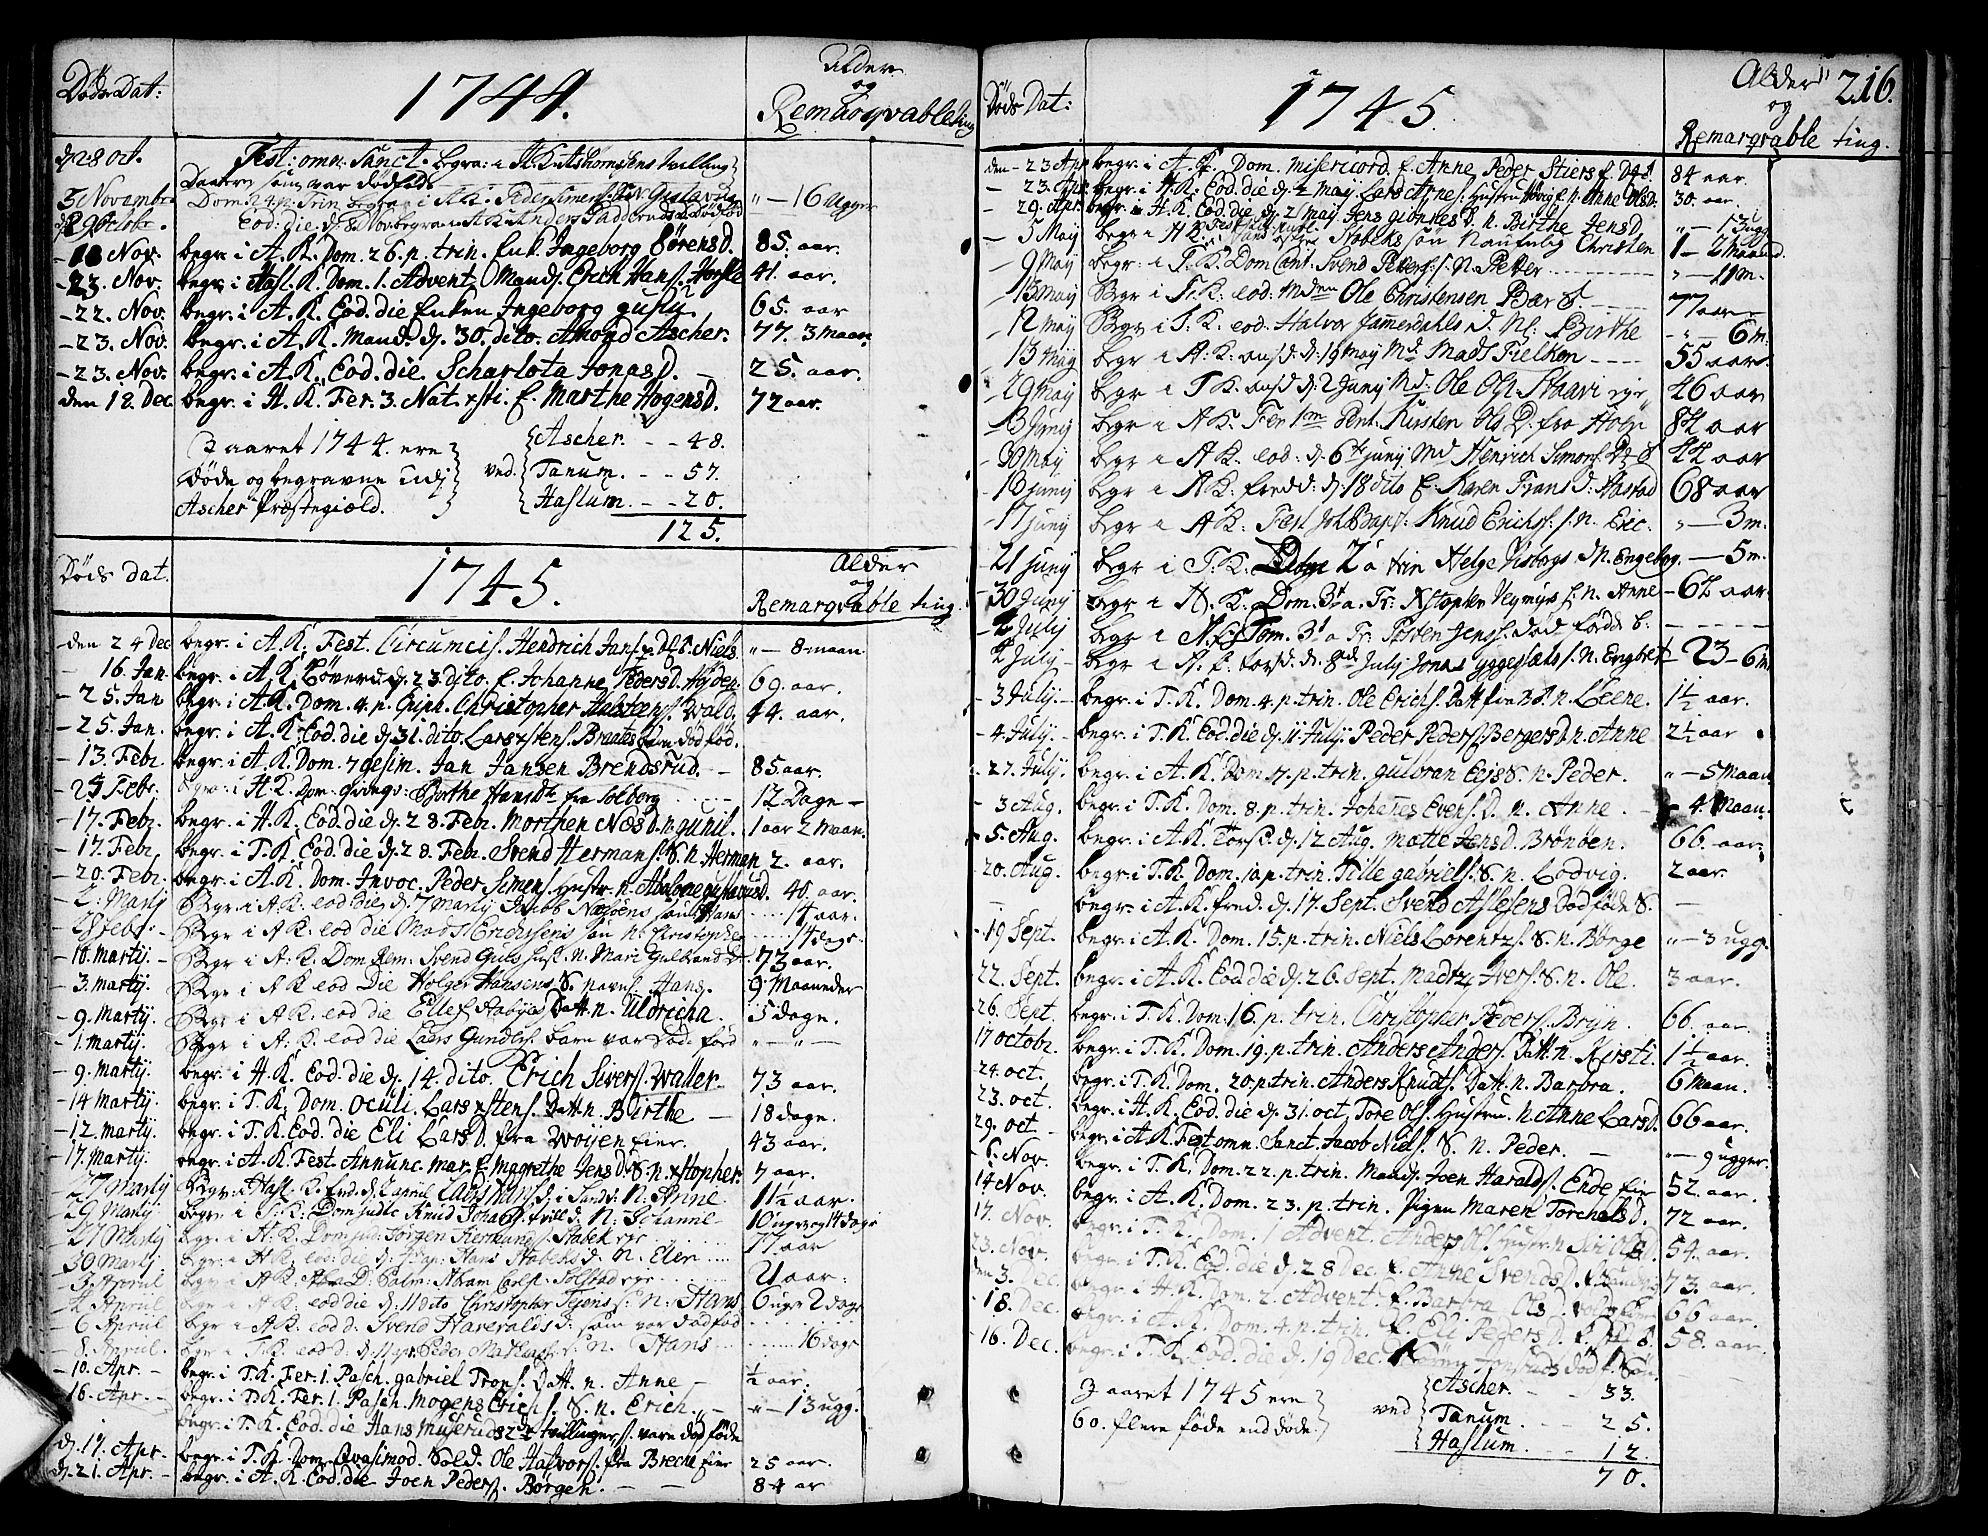 SAO, Asker prestekontor Kirkebøker, F/Fa/L0002: Ministerialbok nr. I 2, 1733-1766, s. 216